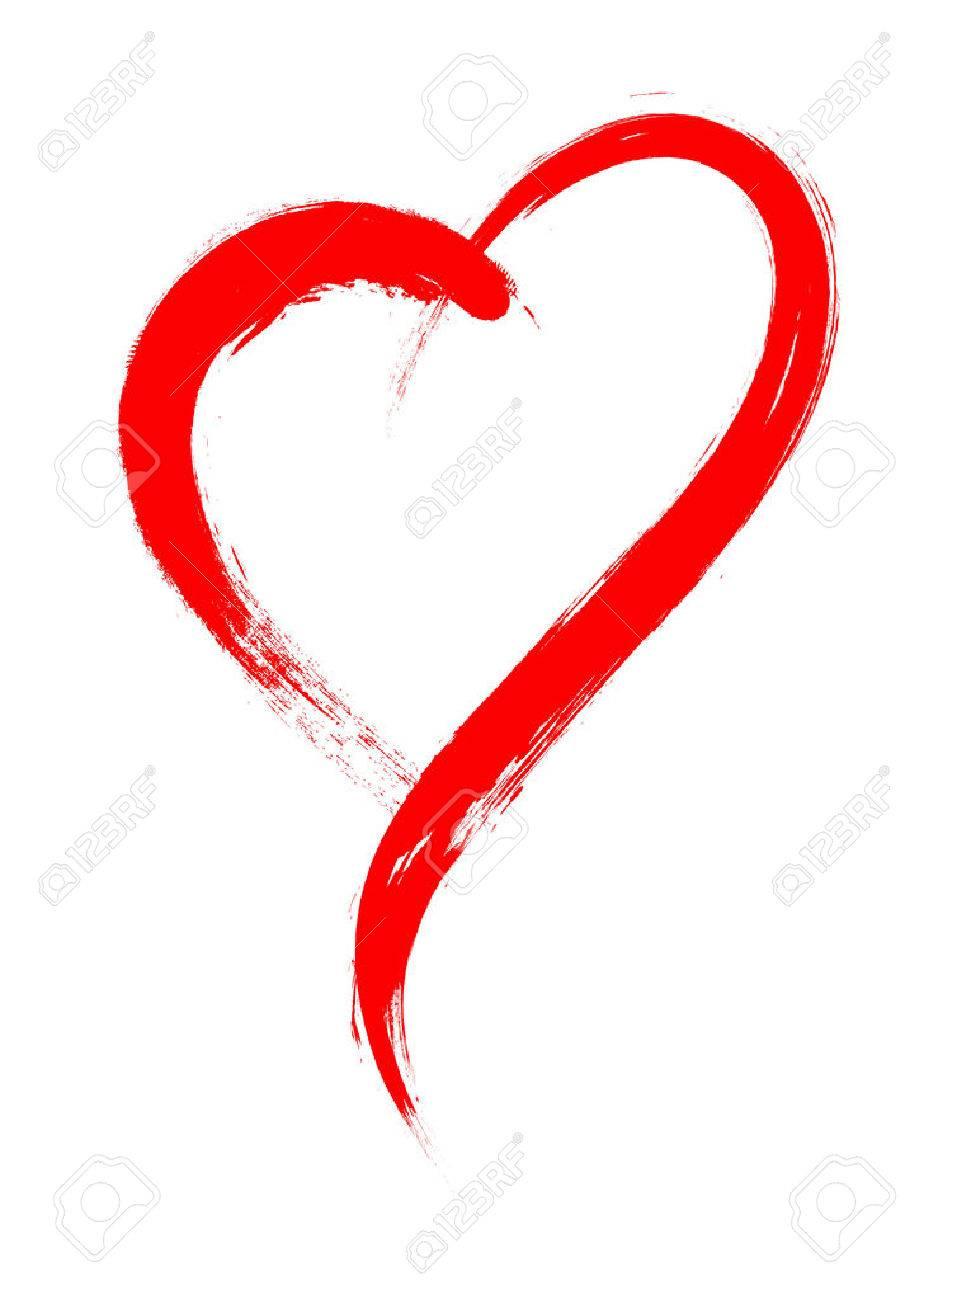 Herz-Form-Rahmen Mit Pinsel Malerei Auf Weißem Hintergrund ...